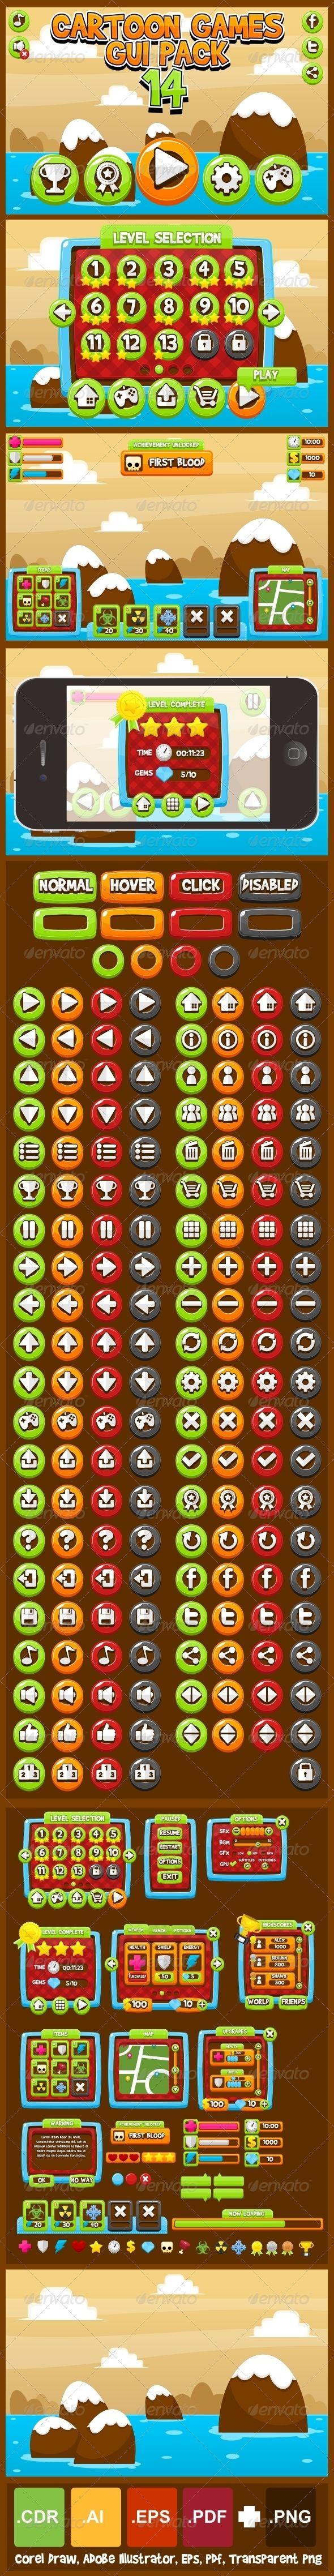 Cartoon Games GUI Pack 14 - Web Elements Vectors